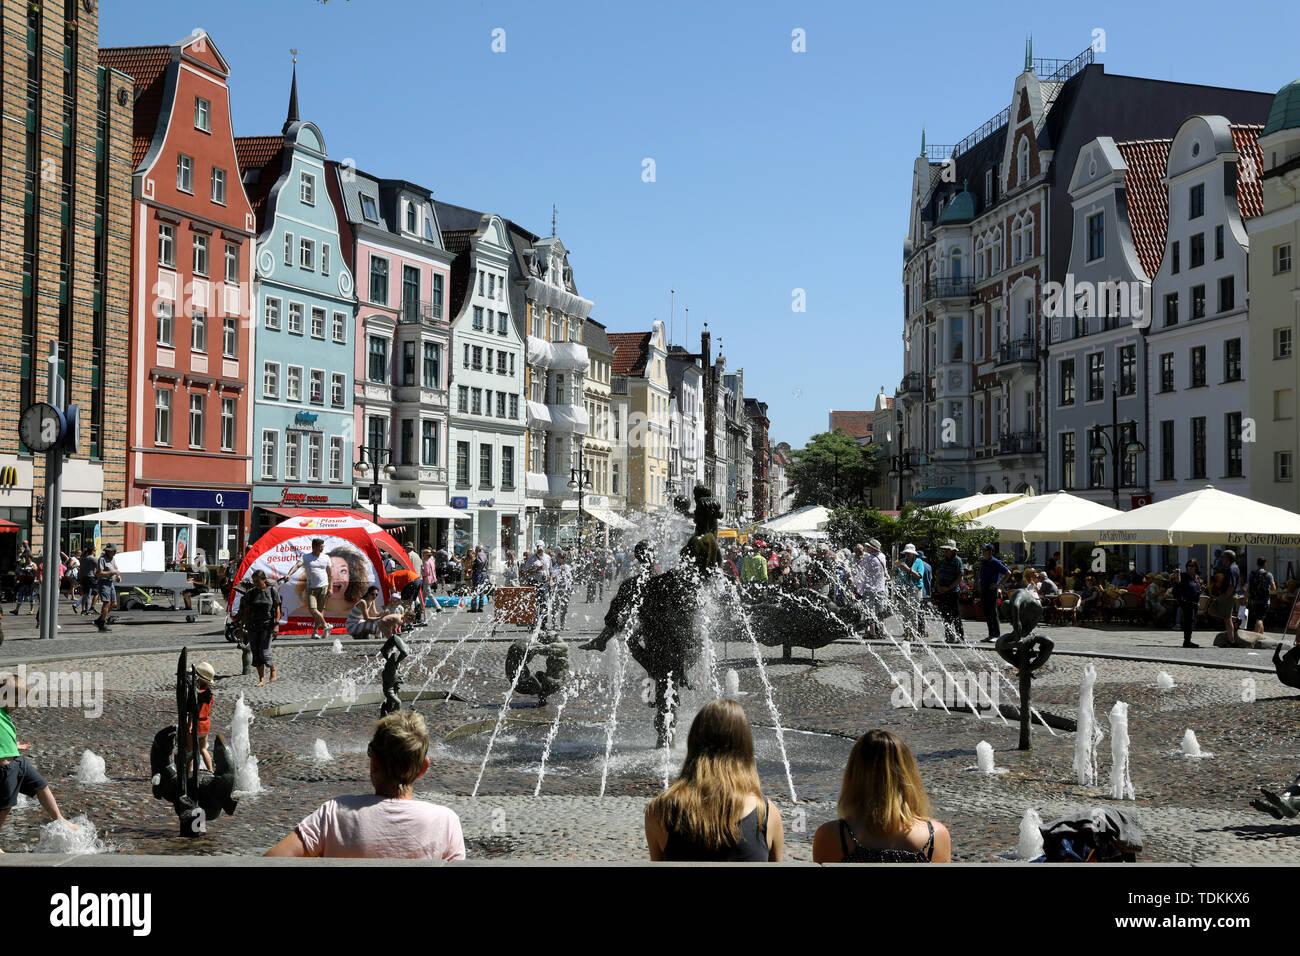 Rostock, Deutschland. 14 Juni, 2019. Die Universität Platz mit dem Brunnen der Lebensfreude, Teil des Boulevard Kröpeliner Straße. Quelle: Bernd Wüstneck/dpa-Zentralbild/ZB/dpa/Alamy leben Nachrichten Stockbild